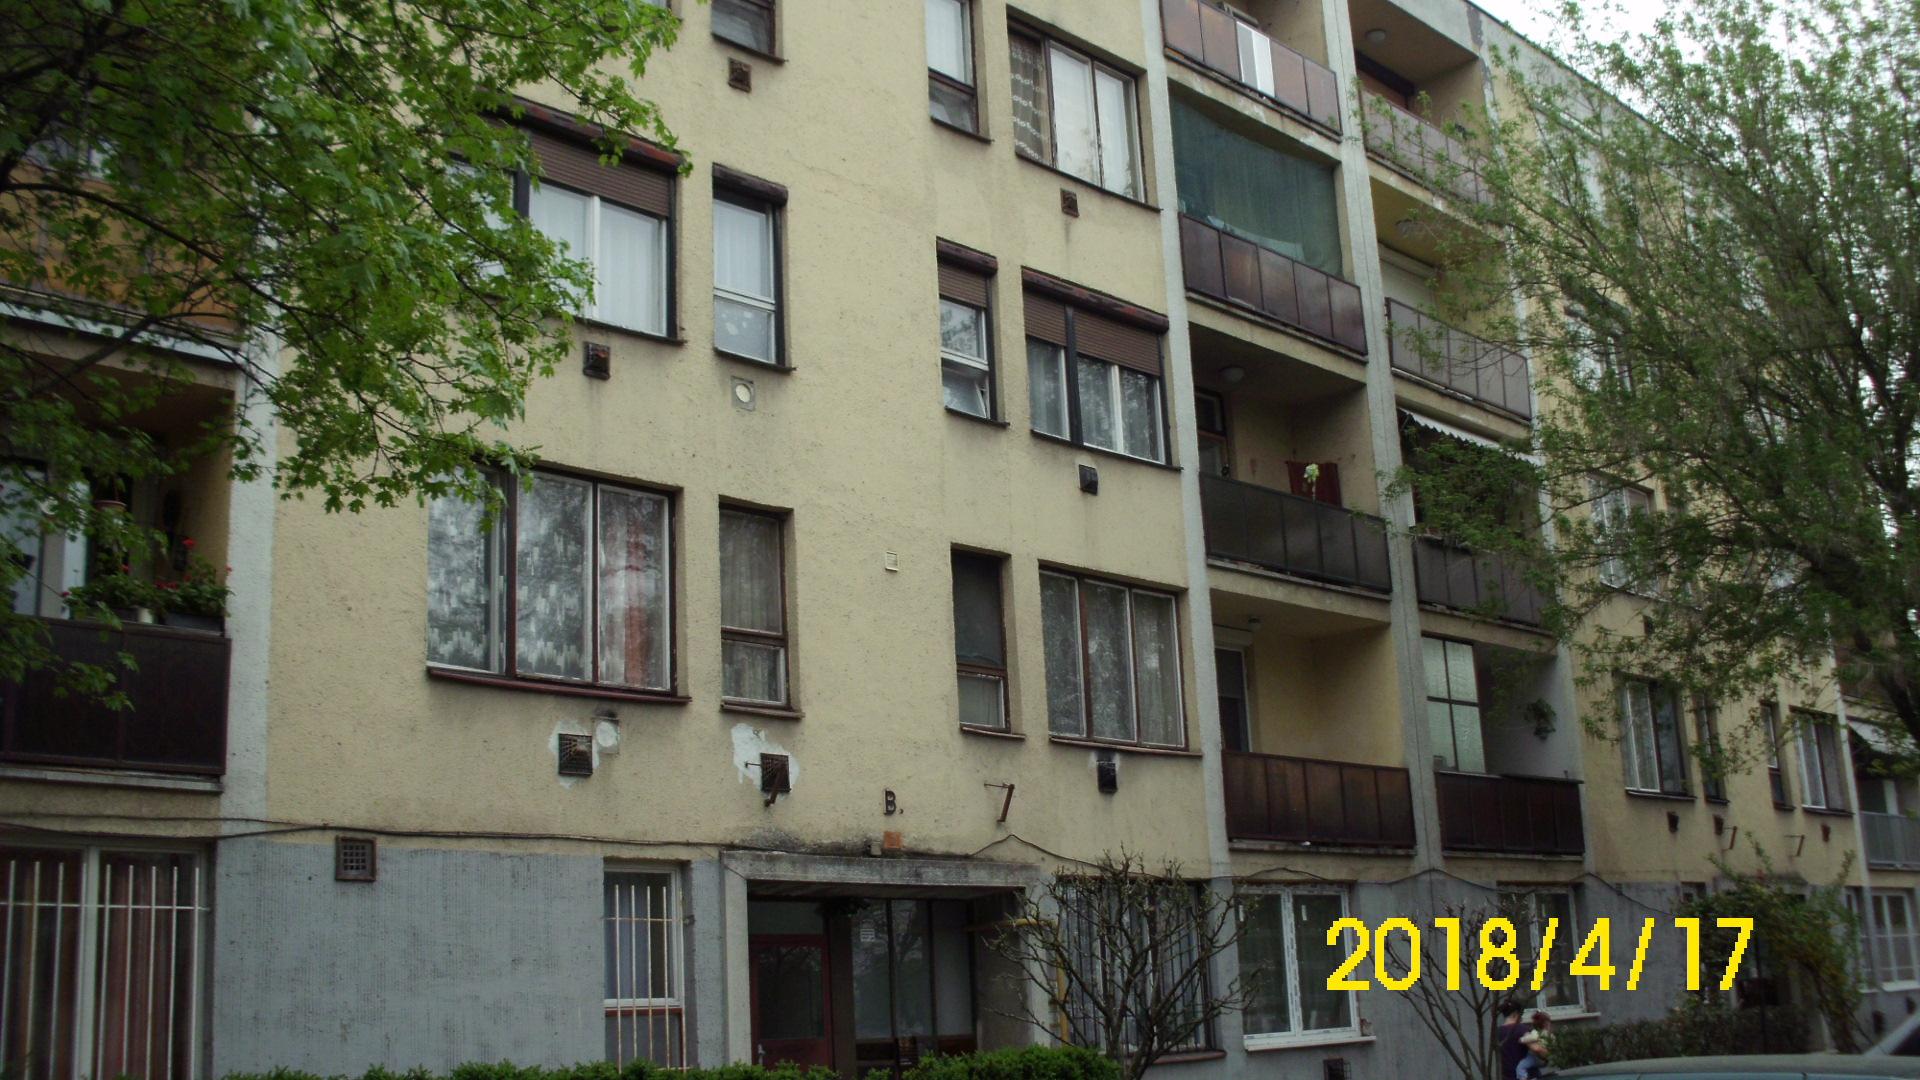 Kétszobás második emeleti lakás